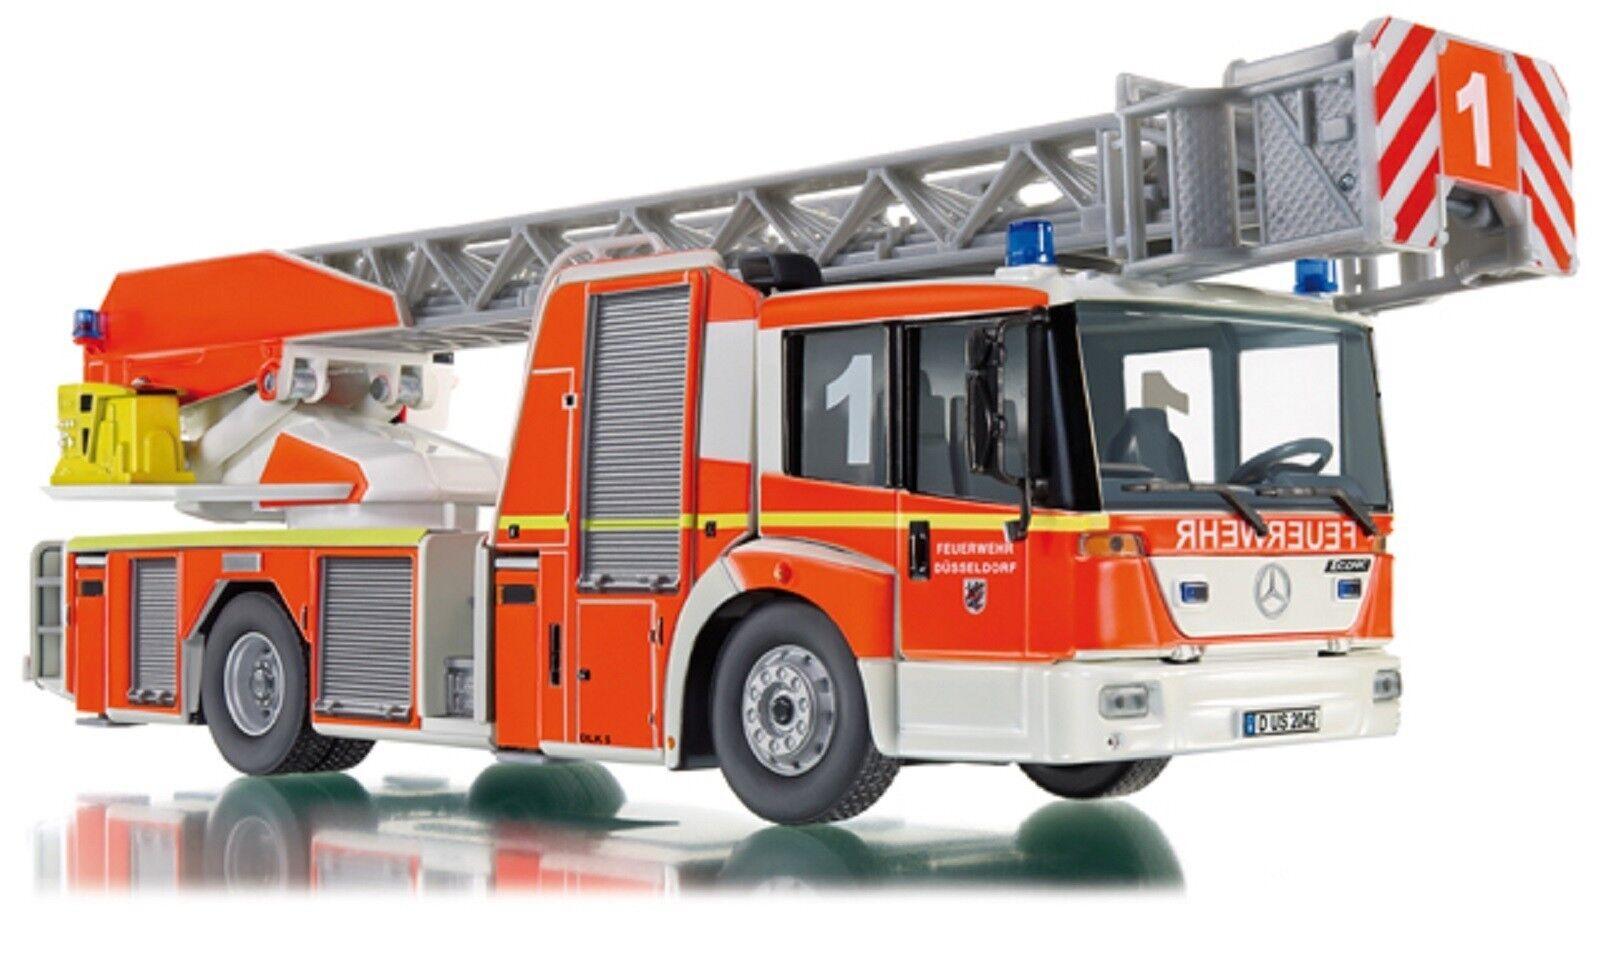 Wiking Wiking Wiking 043102-7333 Feuerwehr DREHLEITER L 32 MB ECONIC METZ 1 43 NEU OVP- 471ae2